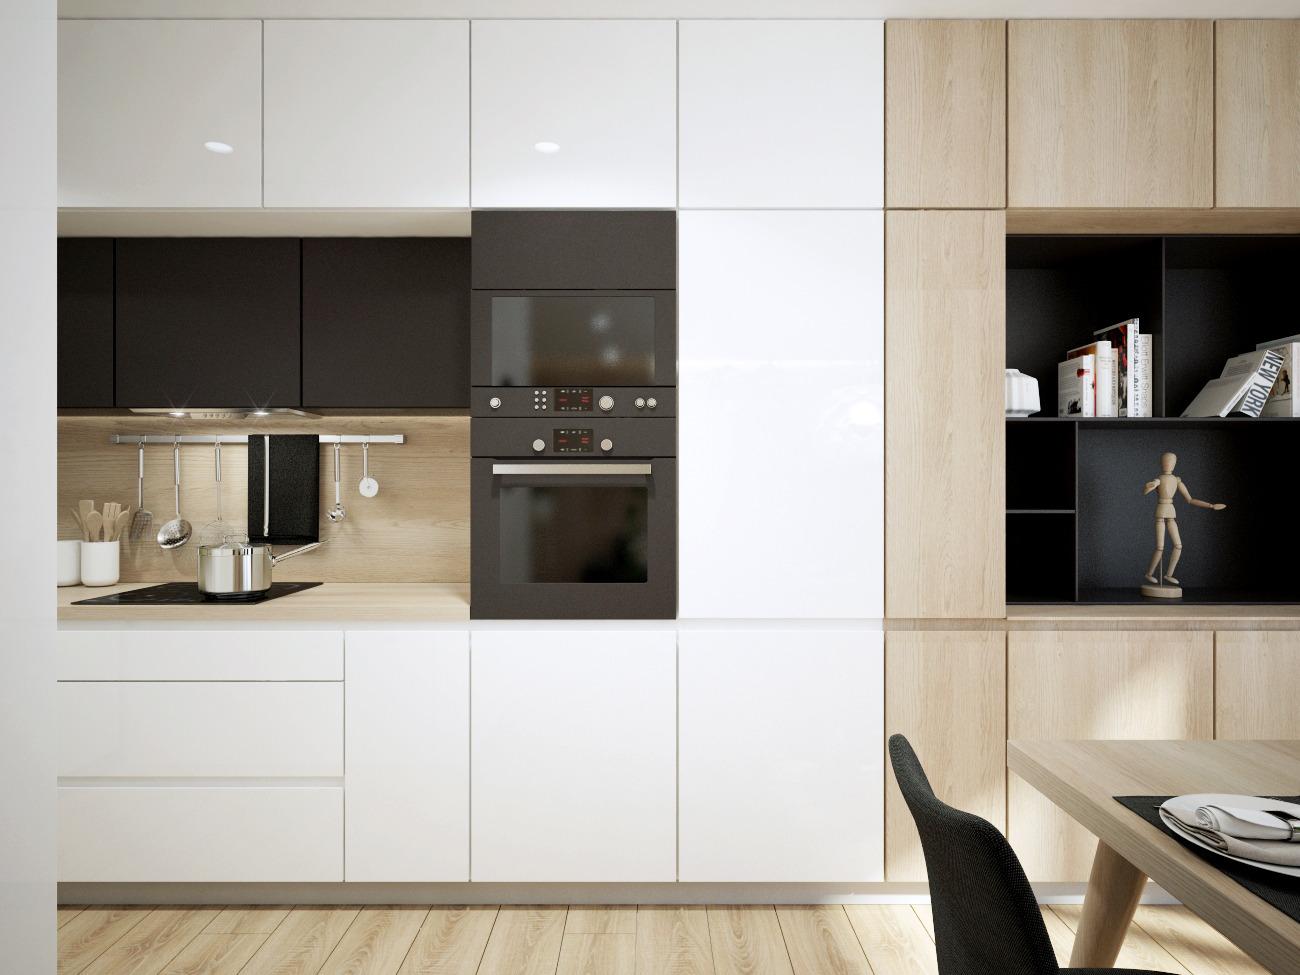 85d64b0b56a07 Návrhy kuchyne - Návrhy interiéru luxusnej kuchyne | Lual Studio